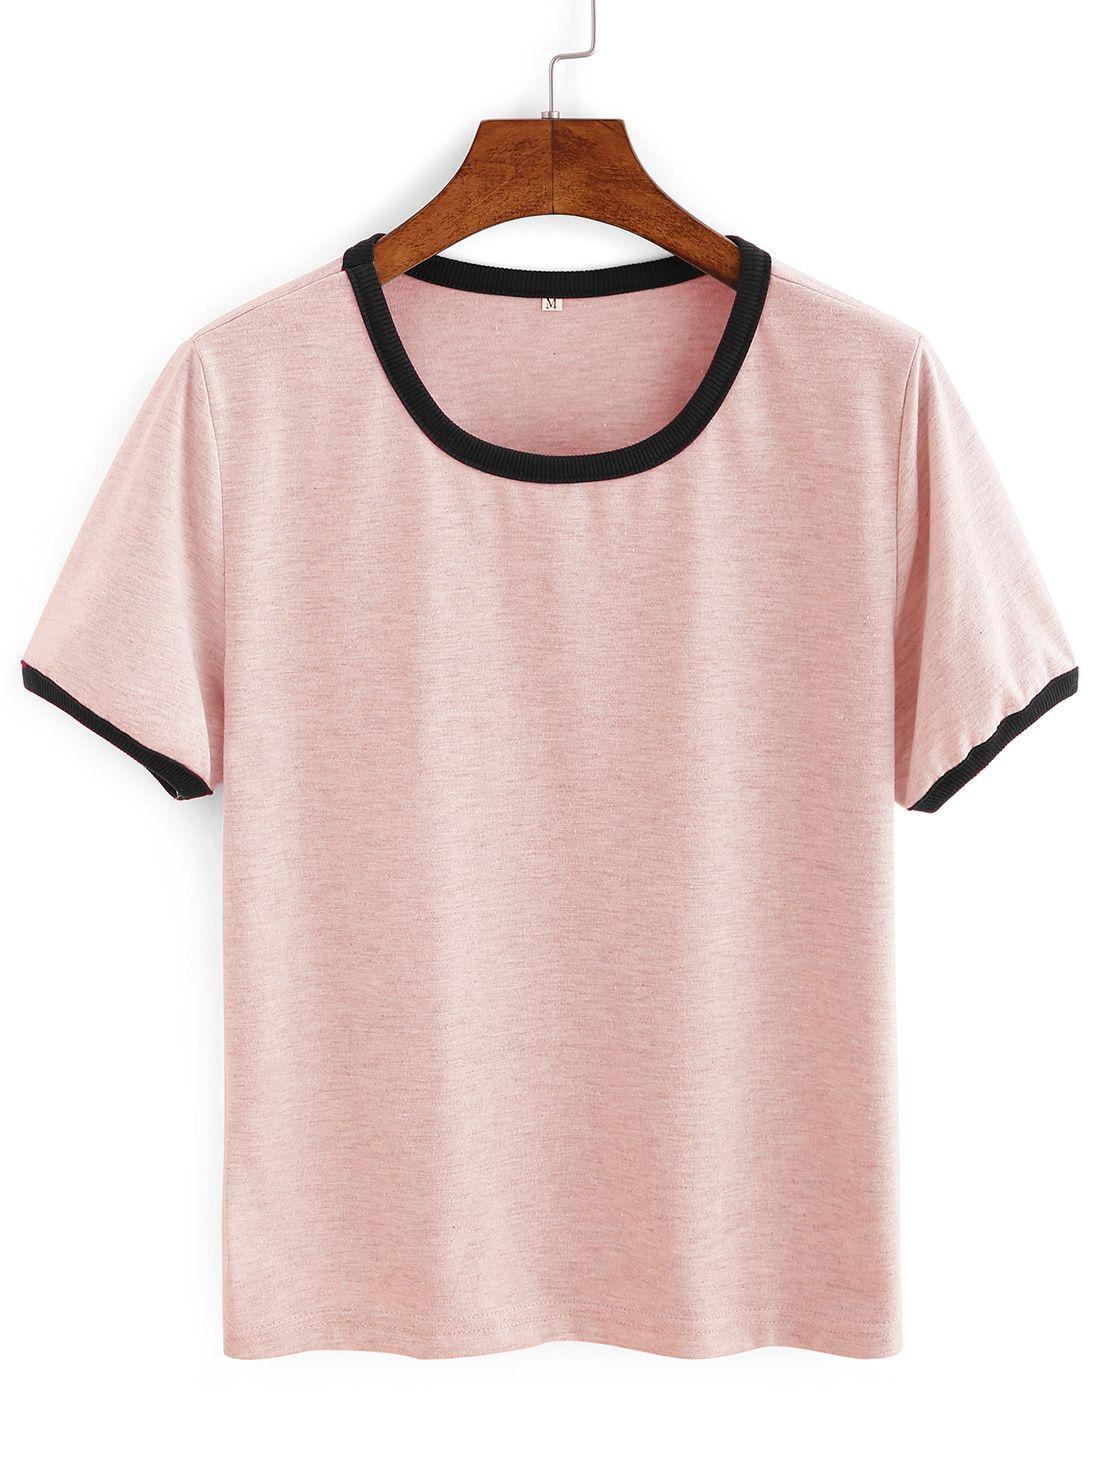 Camisas Lisas | Image